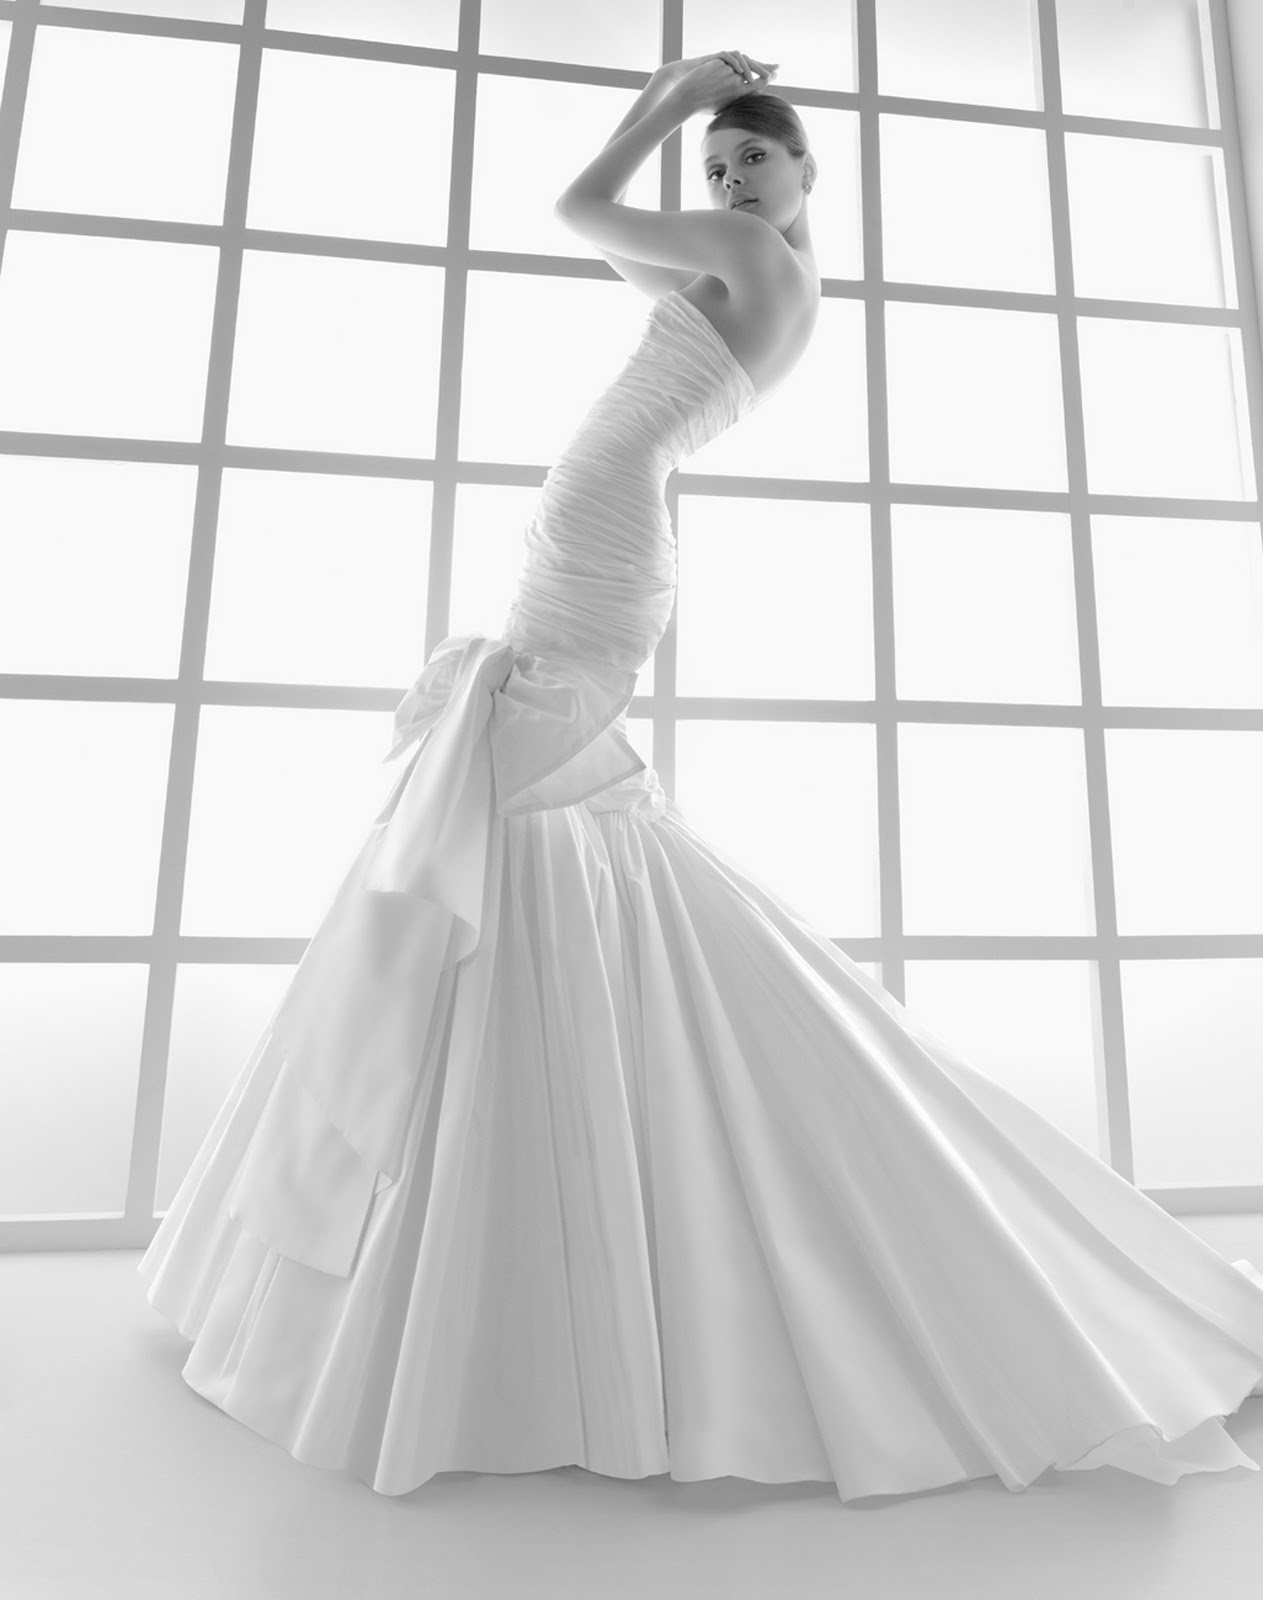 6b0be171b5 A legtöbb nő álma, hogy egyszer hófehér ruhában oltár elé állhasson,  mindenki őt csodálja, az a nap szinte csak róla szóljon. Ám nem mindegy,  milyen ruhát ...